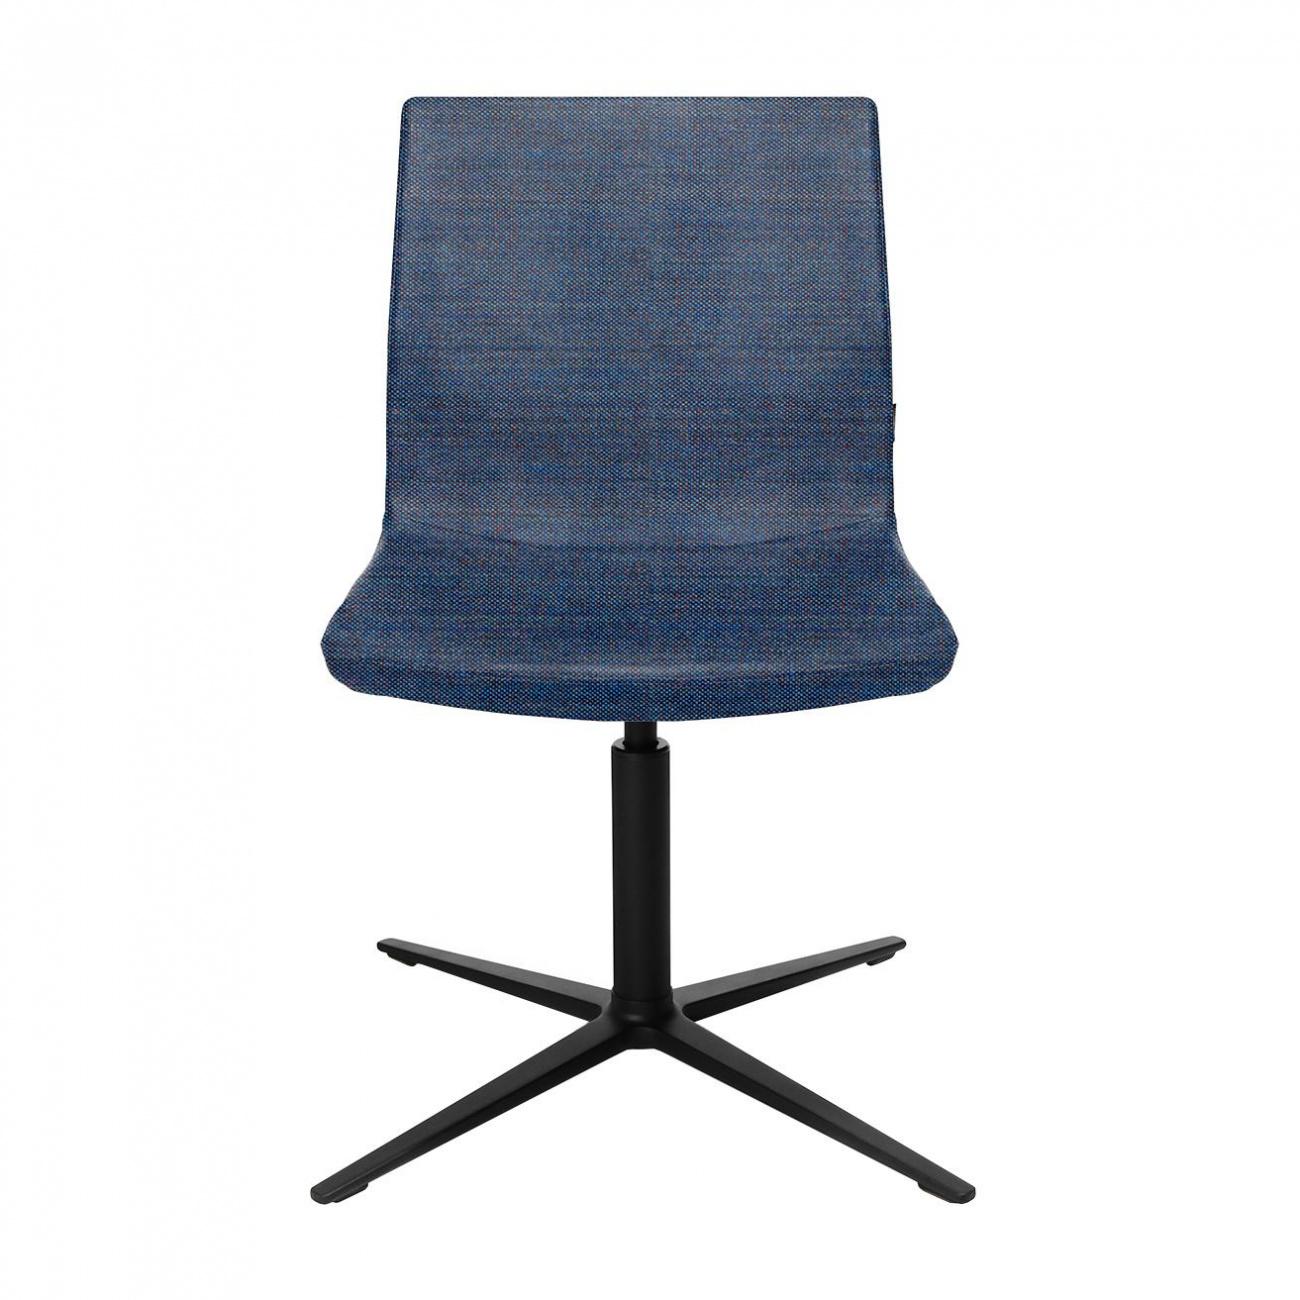 Wagner - W-Cube 4 - Chaise de conférence - bleu foncé/siège étoffe Kvadrat Remix 2 743/PxP 72x72cm/H 84-88cm/patins incl./structure aluminium no